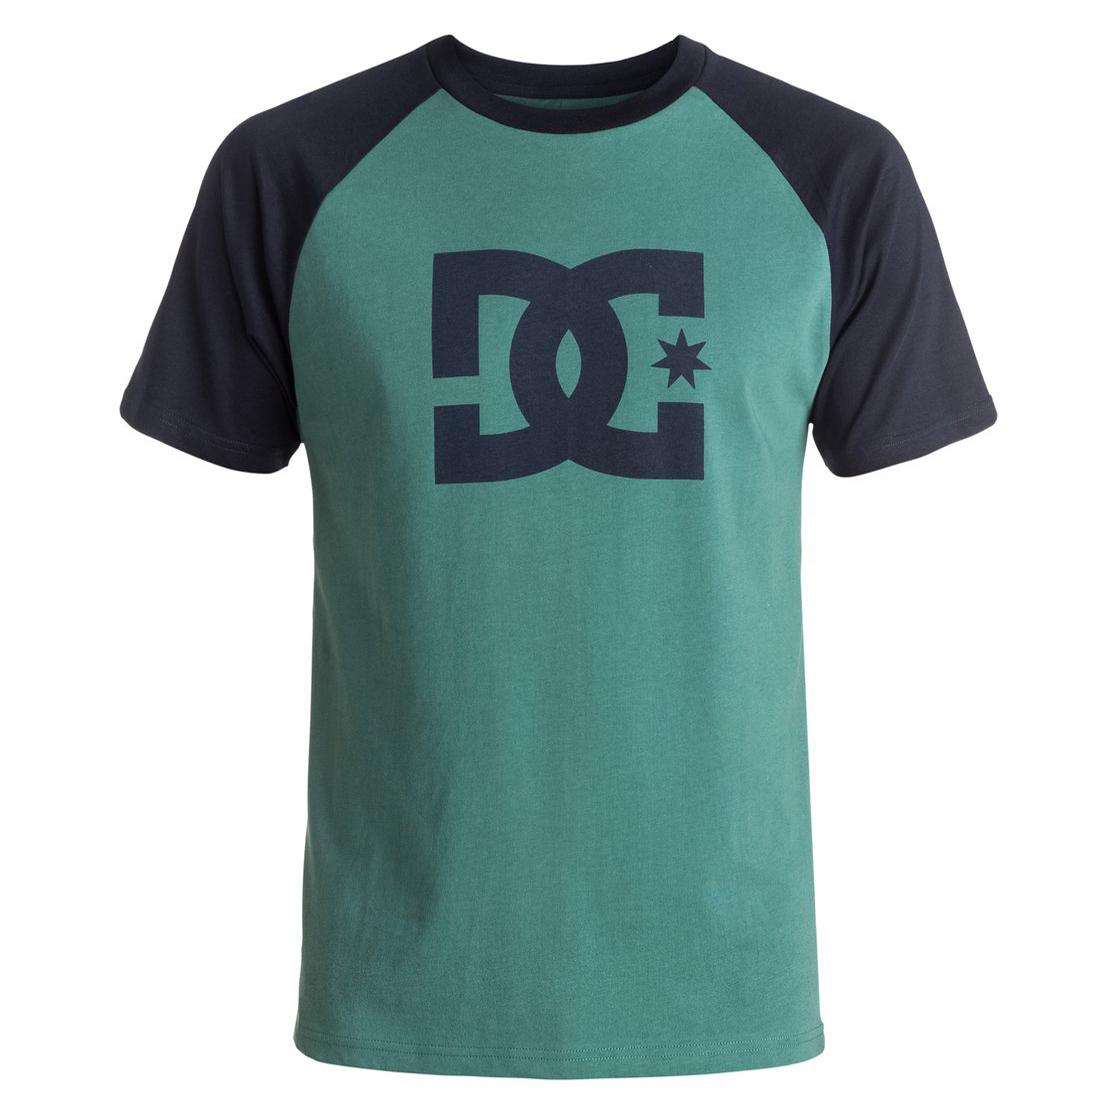 STAR RAGLAN SS M TEESФутболки и Поло<br>Очередной представитель серии Star от DC - с крупным лого на груди. В ней есть самые разные варианты одежды - от толстовок и курток до футболок. Эта может похвастать классическим дизайном, стандартным графическим принтом в виде логотипа, круглым вырезом и коротким рукавом. Иными словами, это самая что ни на есть классическая футболка на все случаи жизни.<br> <br> <br> Особенности:<br><br>Мужская футболка<br><br>Классический удобный дизайн<br><br>Графический принт нанесен по щадящей технологии окрашивания ткани<br><br>С круглым вырезом<br><br>С коротким рукавом<br><br>Трафаретная графика<br><br>Состав: 100% хлопок.<br><br>Сезон: SS17<br>Артикул: 66988<br>Цвет: SEA PINE/DARK INDIGO<br>Пол: МУЖ<br>Пол: Мужcкое<br>Размер: L<br>Тип вещи: ФУТБОЛКА